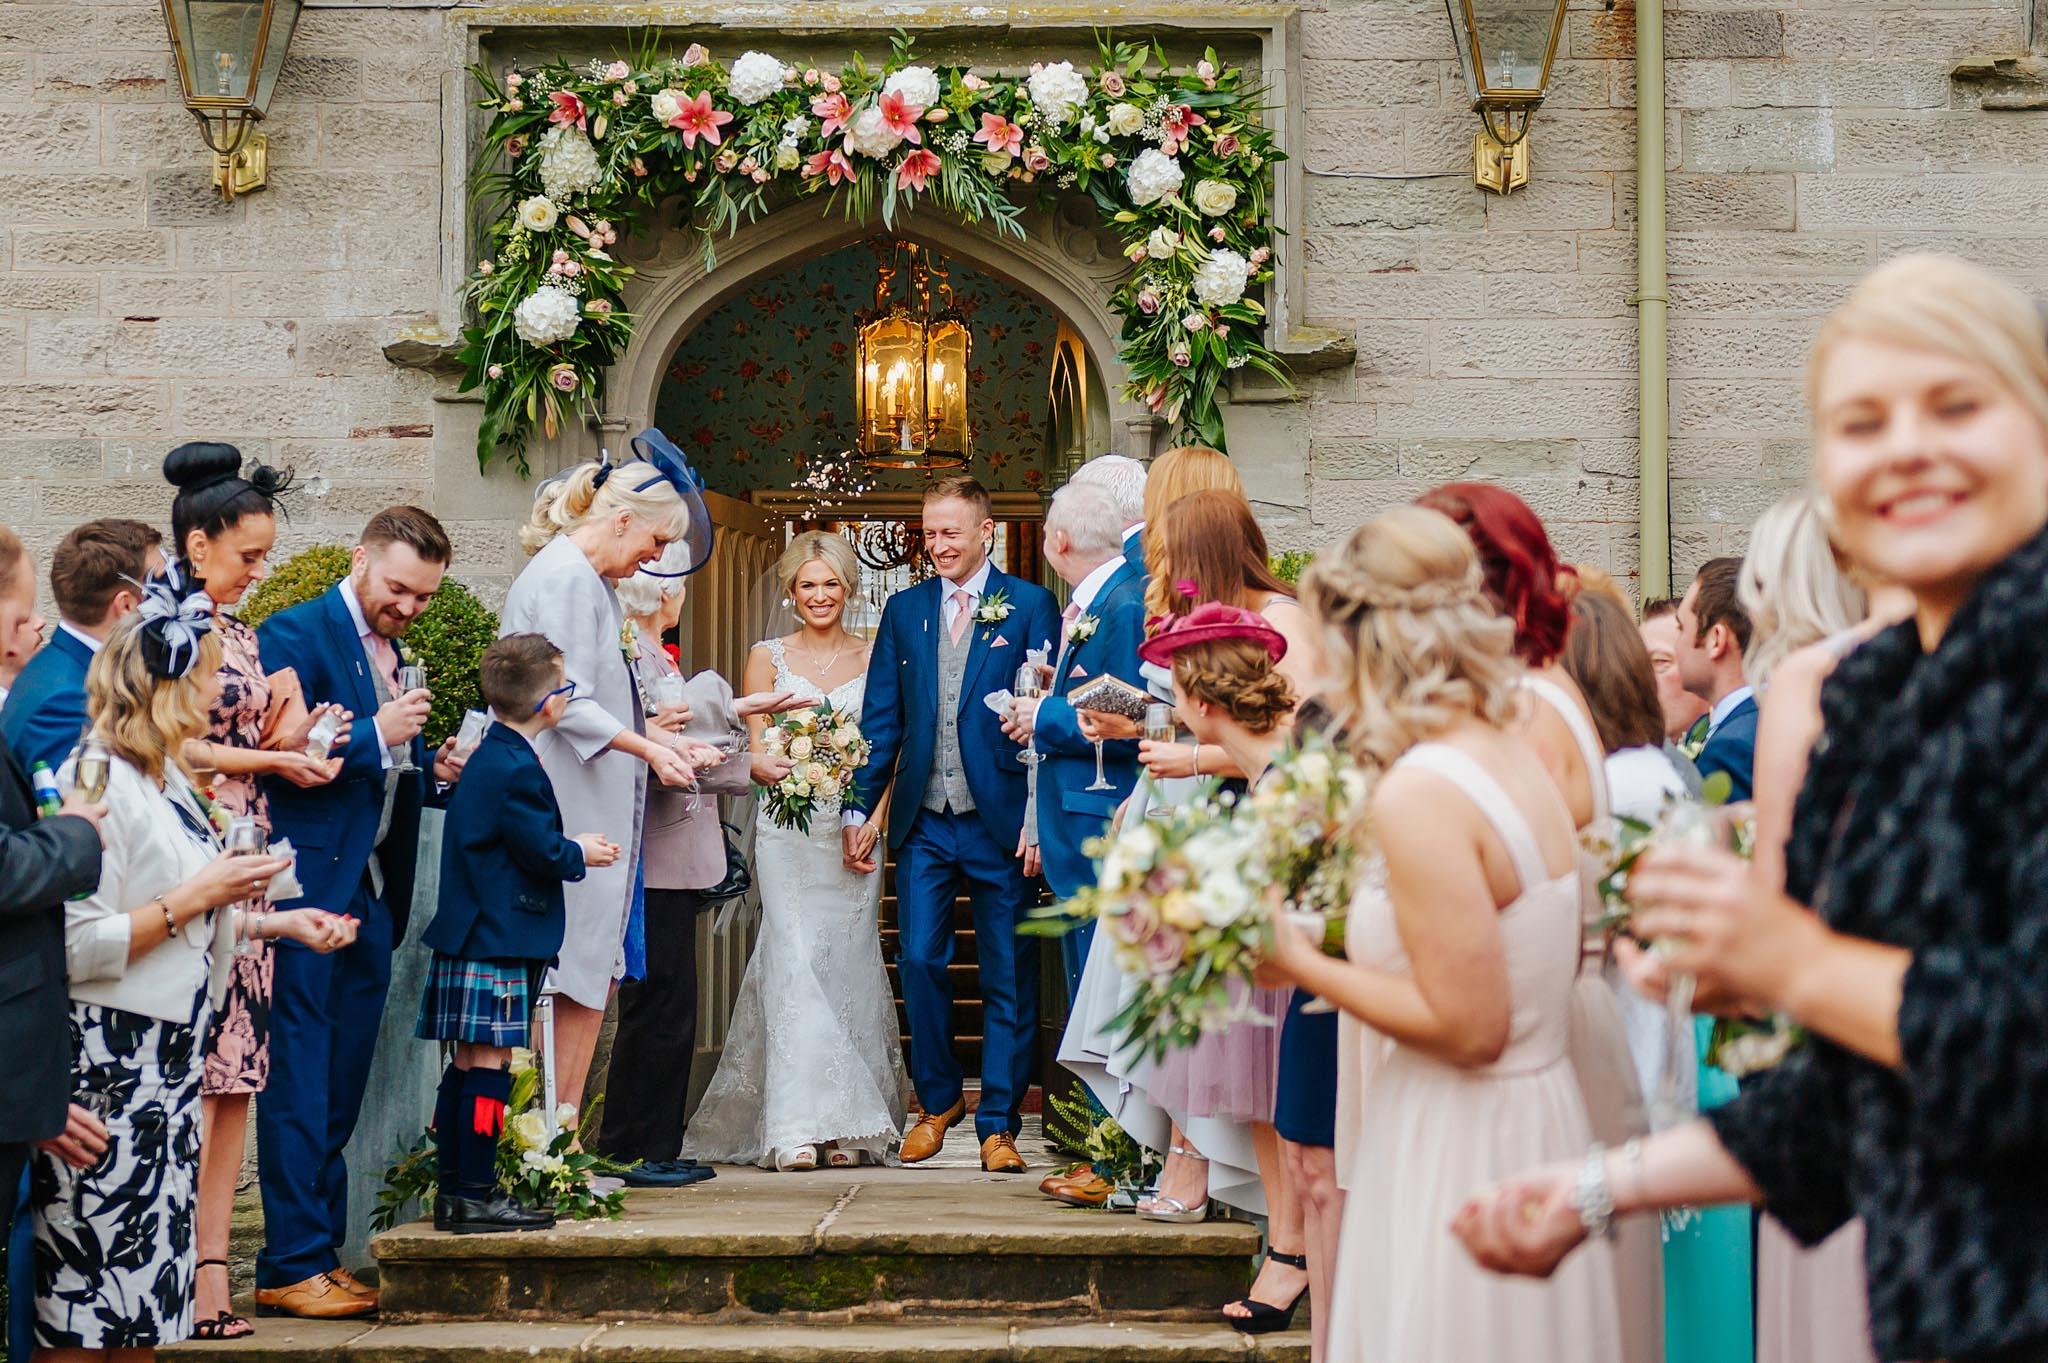 Lemore Manor wedding, Herefordshire - West Midlands | Sadie + Ken 38